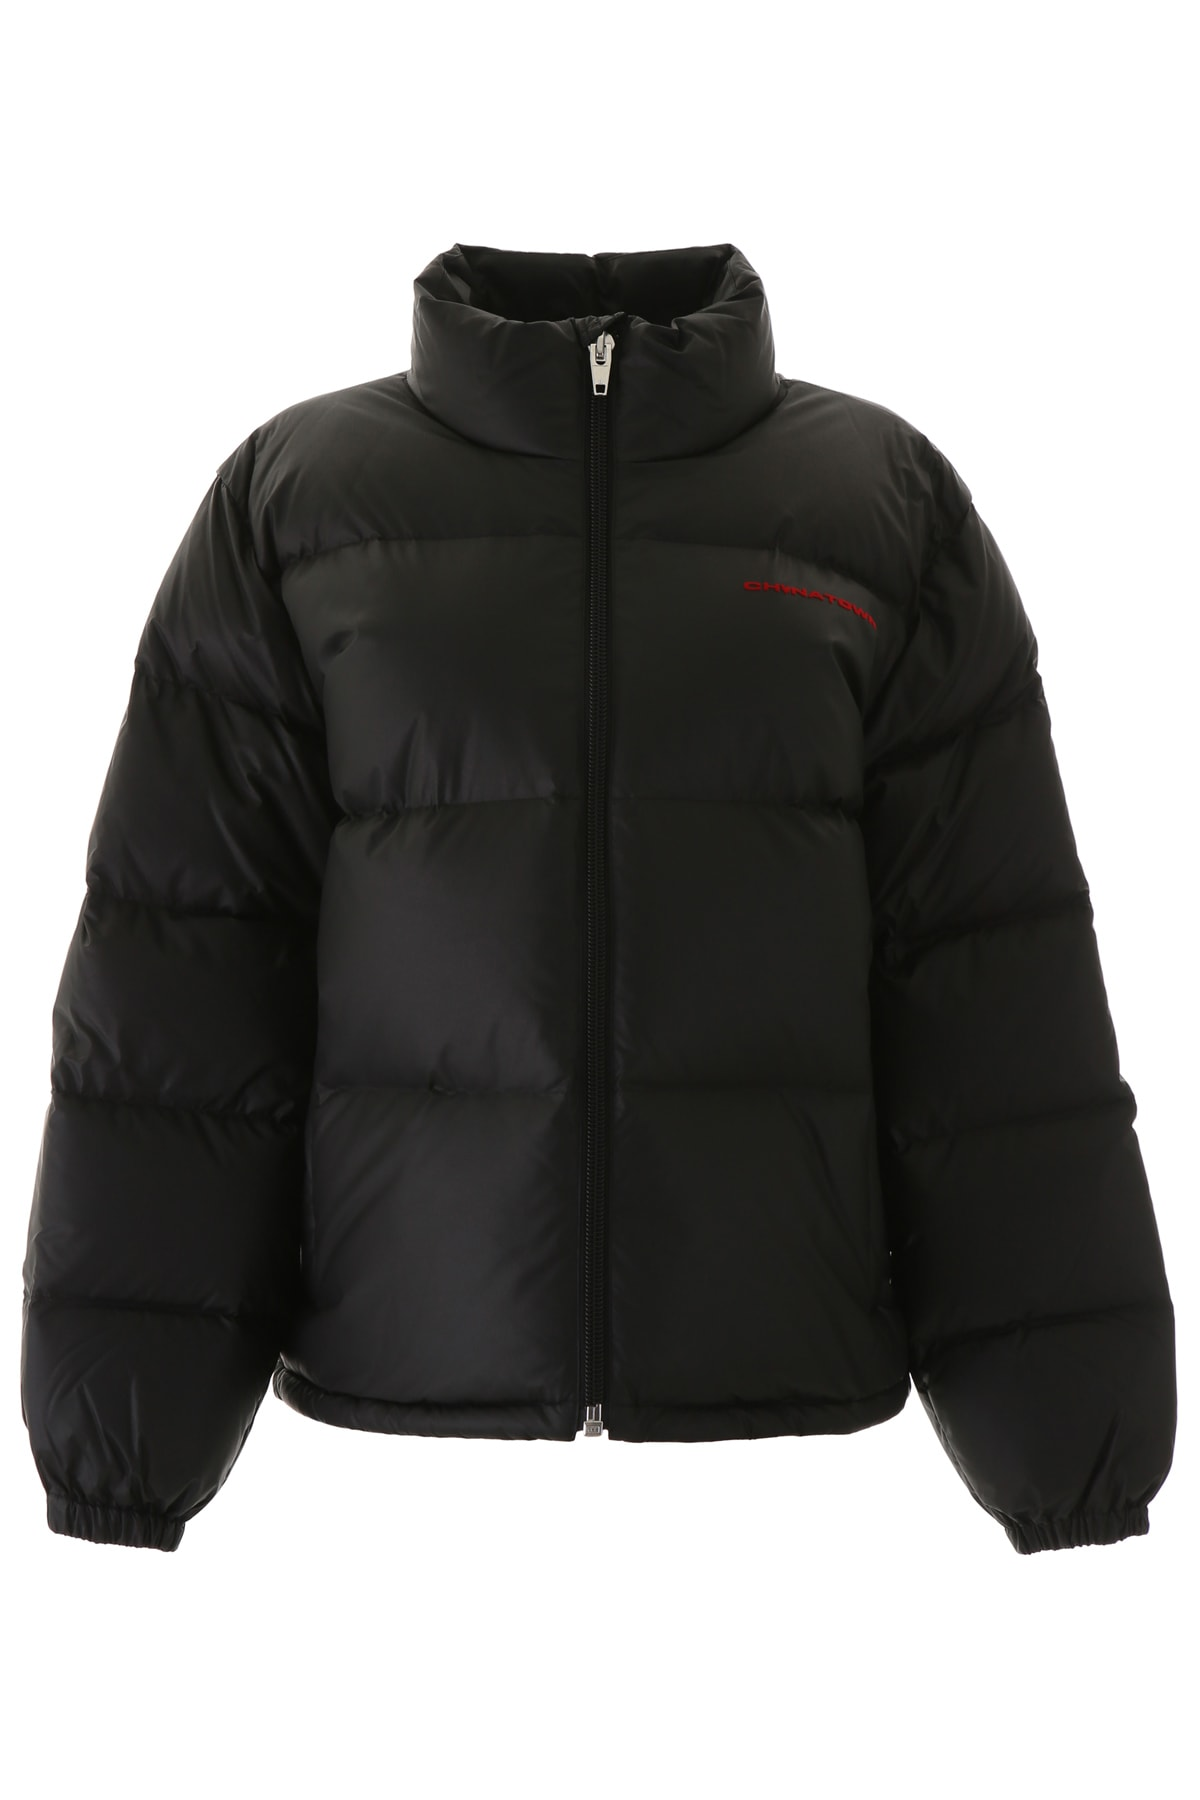 Alexander Wang Chynatown Puffer Jacket